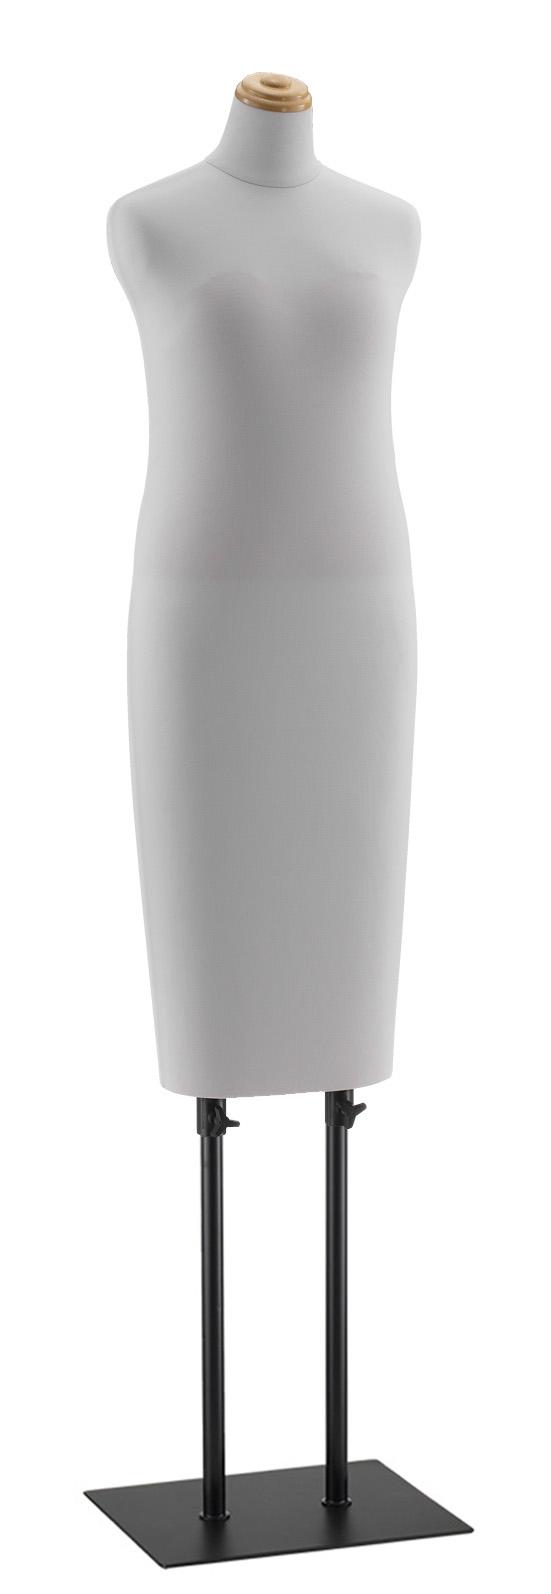 《キイヤ》 和装着付け練習用BODY     BW-117-1A KIMONO キイヤクチュール 和装用ボディ 着付け練習用【※代引き不可】       (Kiiya Kimono Body Form)